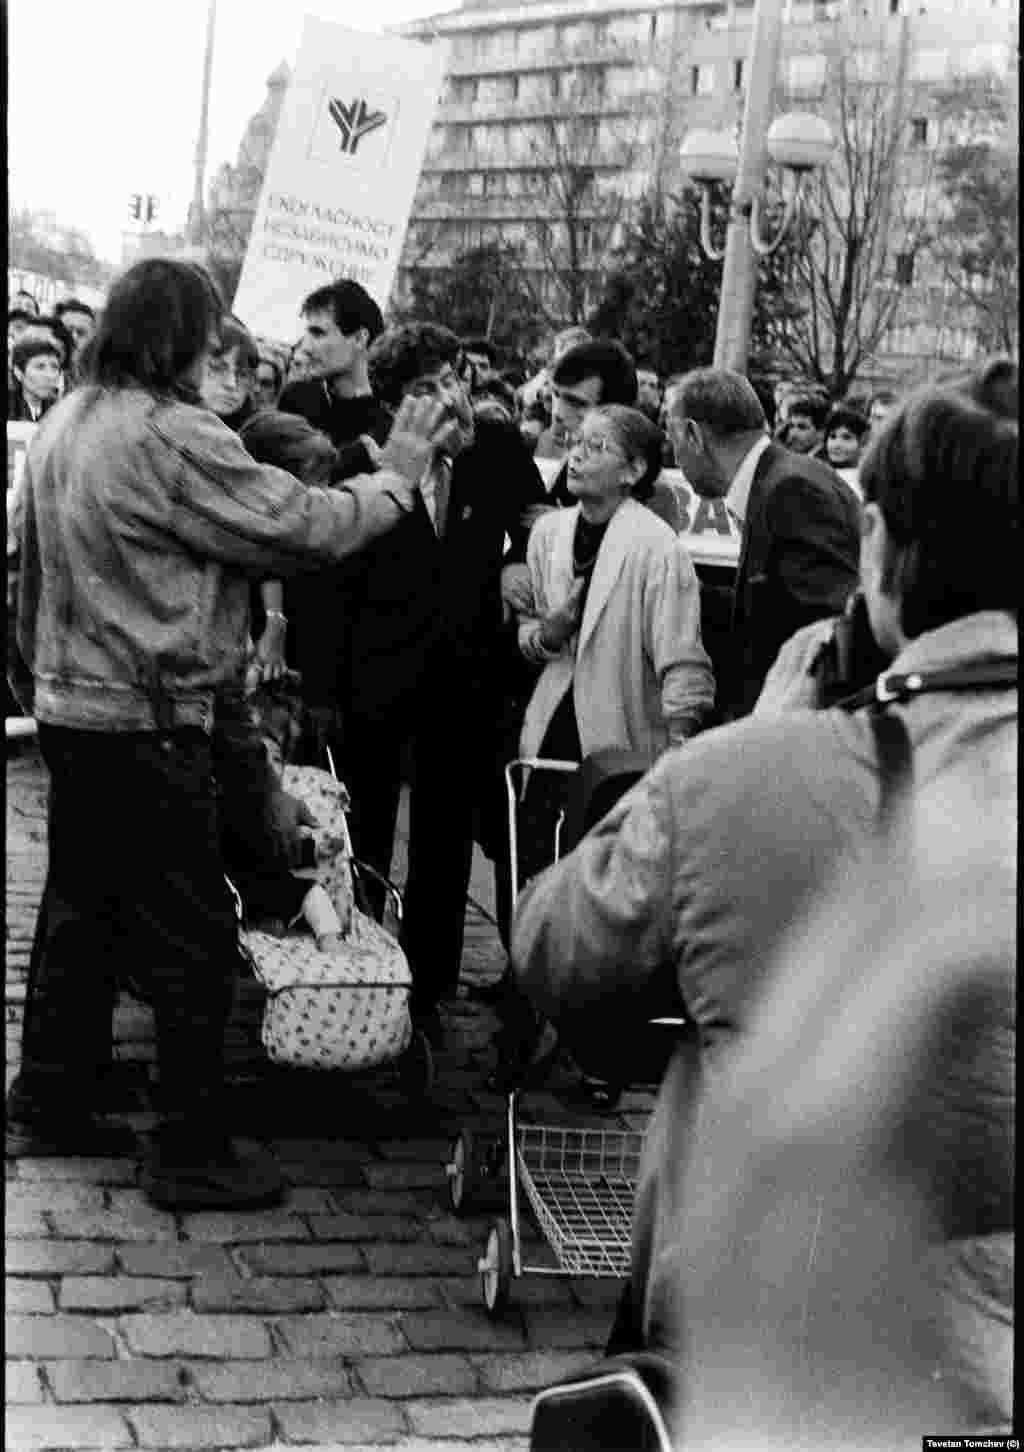 Петър Слабаков и Петър Берон в разговор с млади жени, дошли за шествието заедно с бебетата си. По това време протестиращите майки с детски колички вече са се превърнали в емблема на съпротивата - през 1987 и 1988 г. те организират протести в Русе заради обгазяването на града, срещу което властите не взимат мерки.